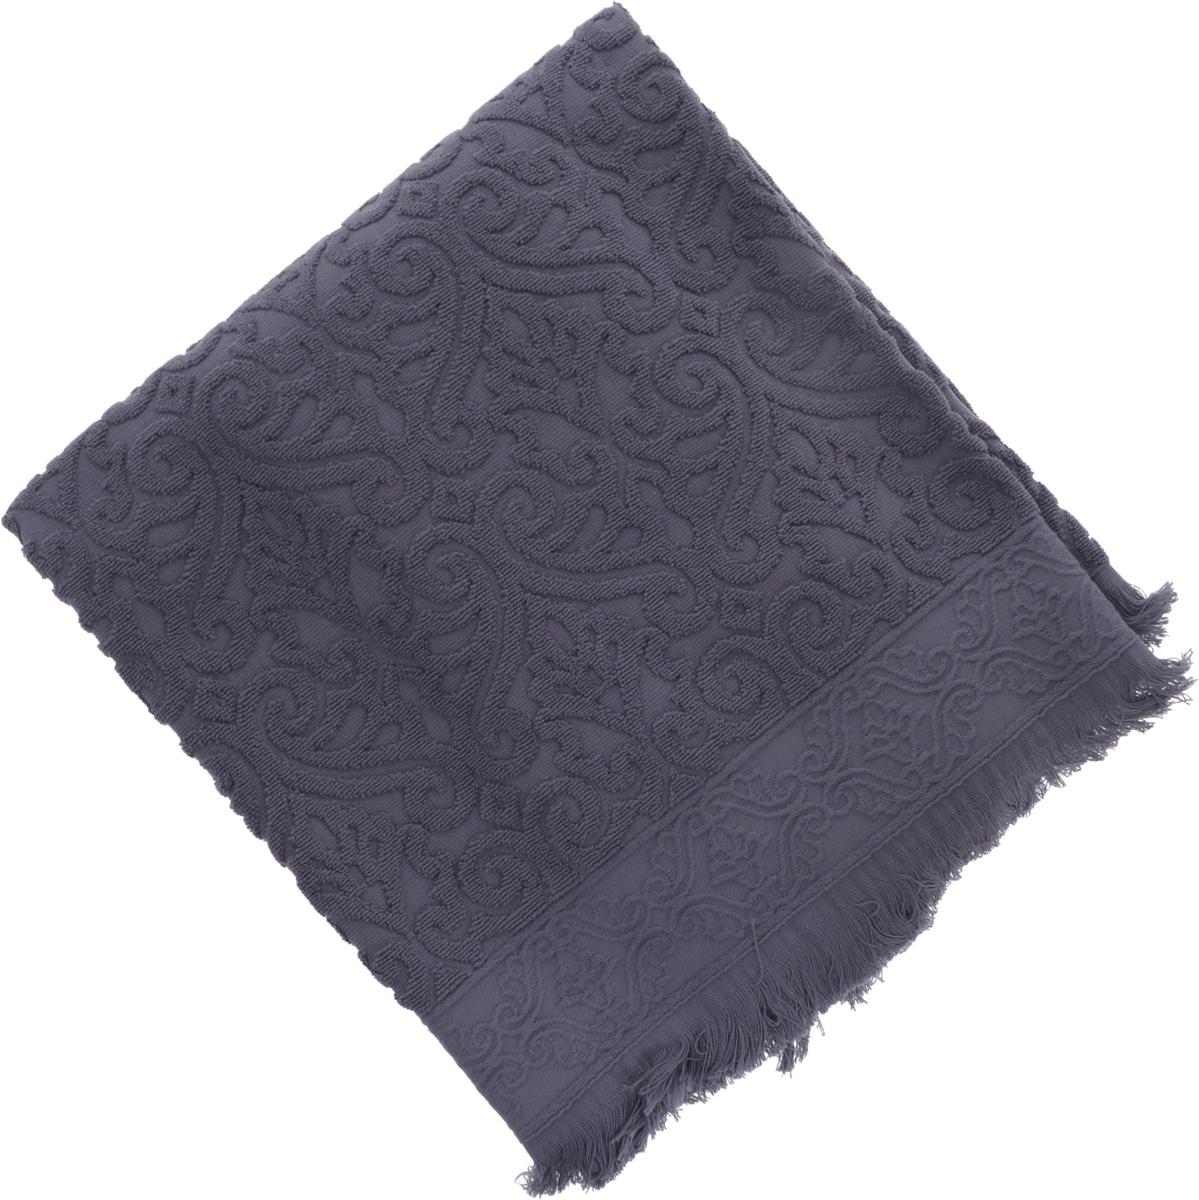 Полотенце махровое Issimo Home Tarren, цвет: индиго, 90 x 150 смNLED-410-1W-YПолотенце Issimo Home Tarren выполнено из 100% хлопка с махровым рельефным узором. Изделие отлично впитывает влагу, быстро сохнет и не теряет форму даже после многократных стирок. Рекомендации по уходу:- режим стирки при 40°C,- допускается обычная химчистка,- отбеливание запрещено,- глажка при температуре подошвы утюга до 110°С,- барабанный отжим запрещен.Размер полотенца: 90 х 150 см.